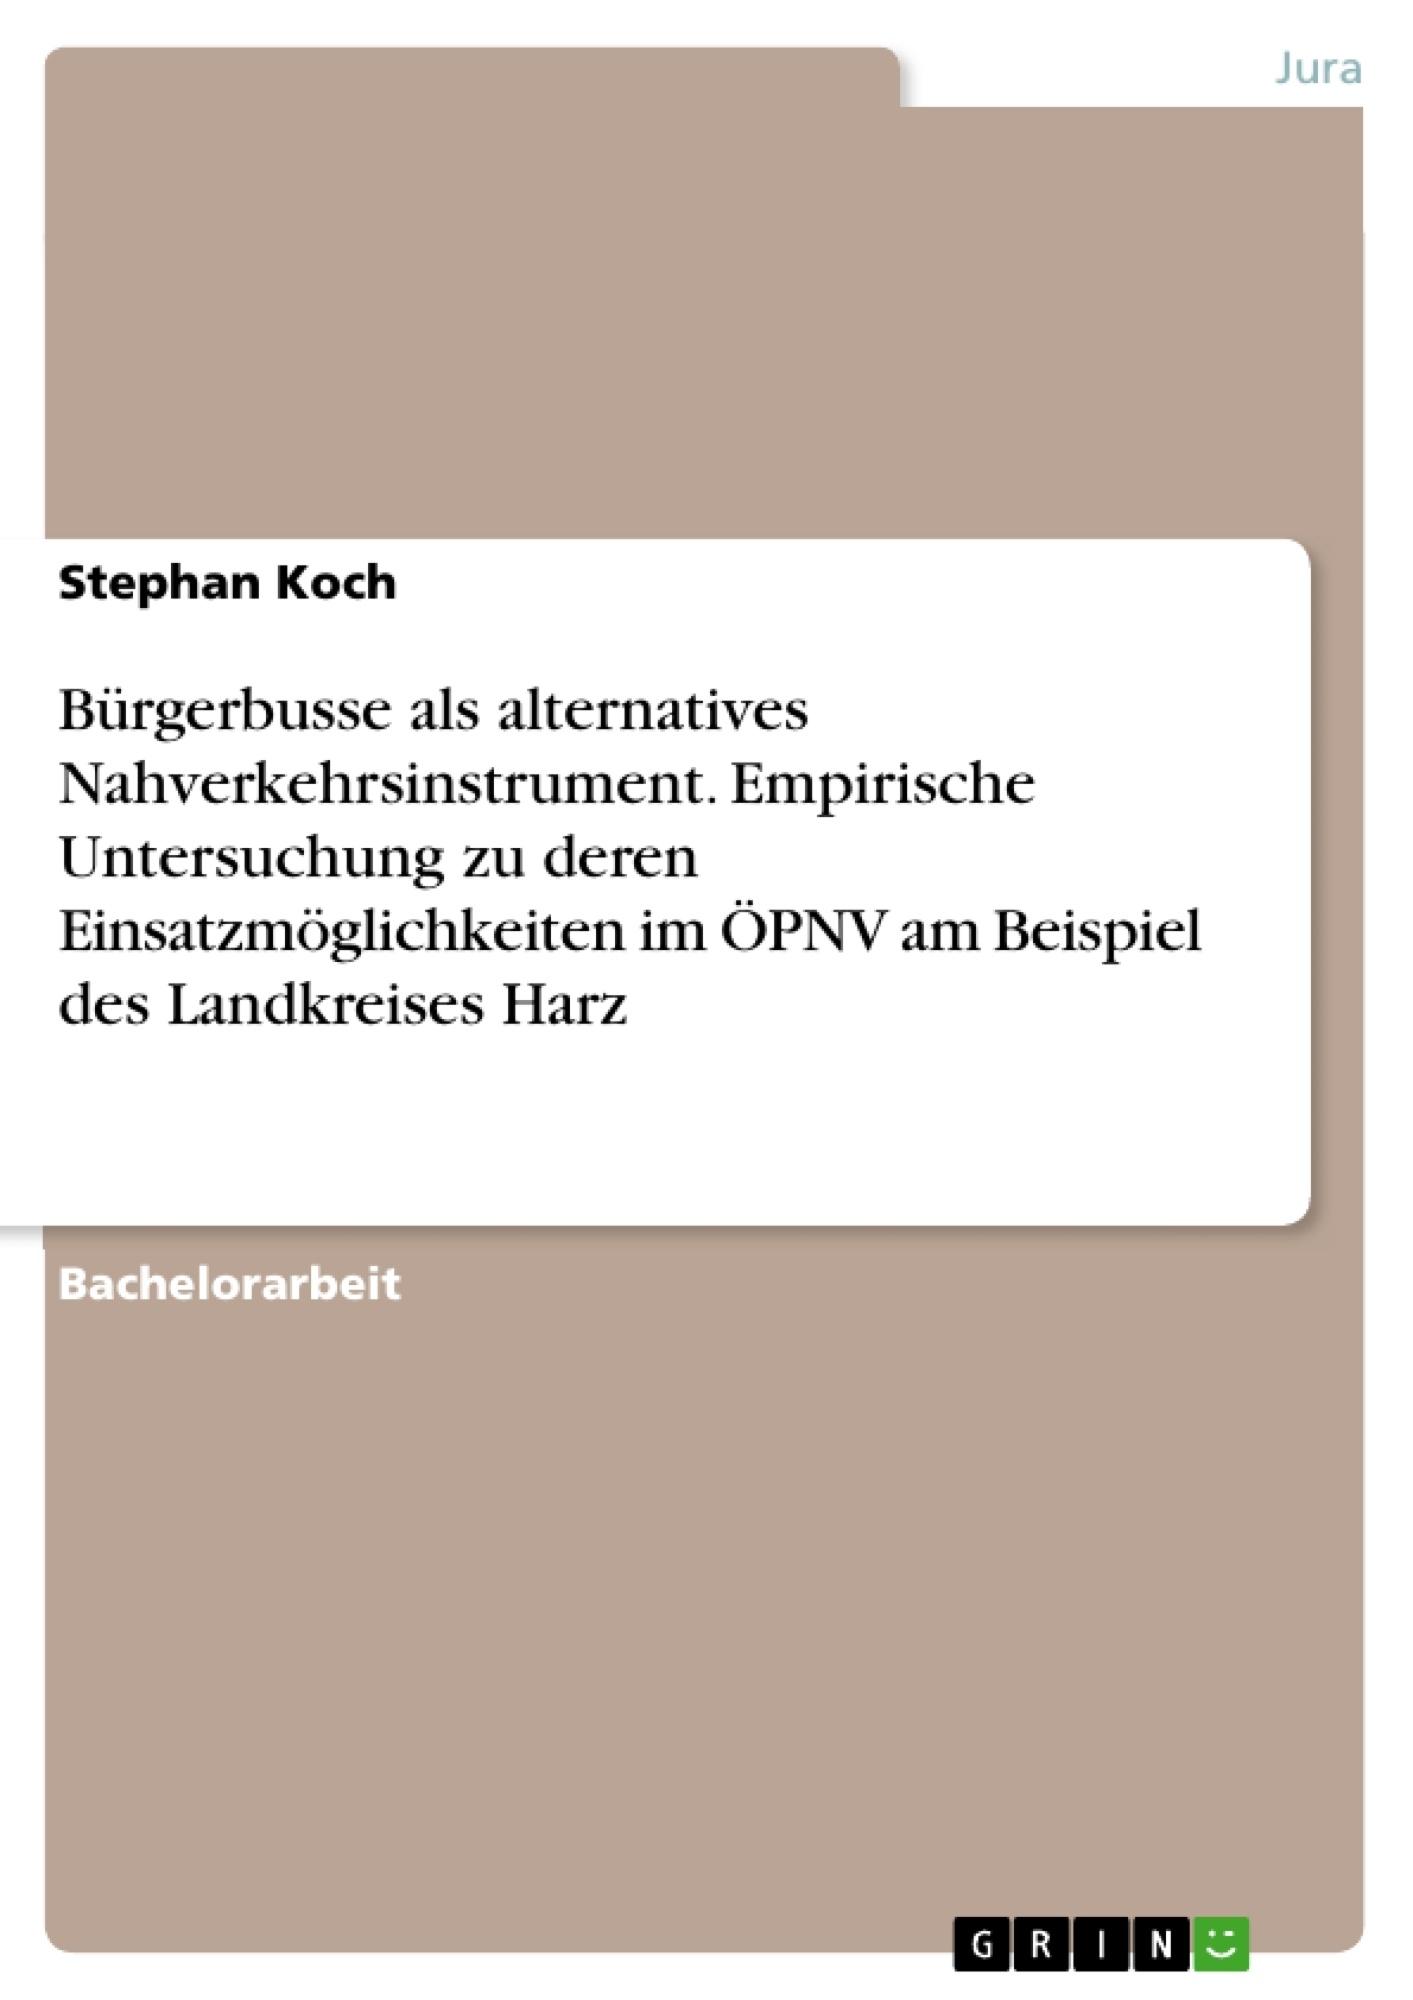 Titel: Bürgerbusse als alternatives Nahverkehrsinstrument. Empirische Untersuchung zu deren Einsatzmöglichkeiten im ÖPNV am Beispiel des Landkreises Harz